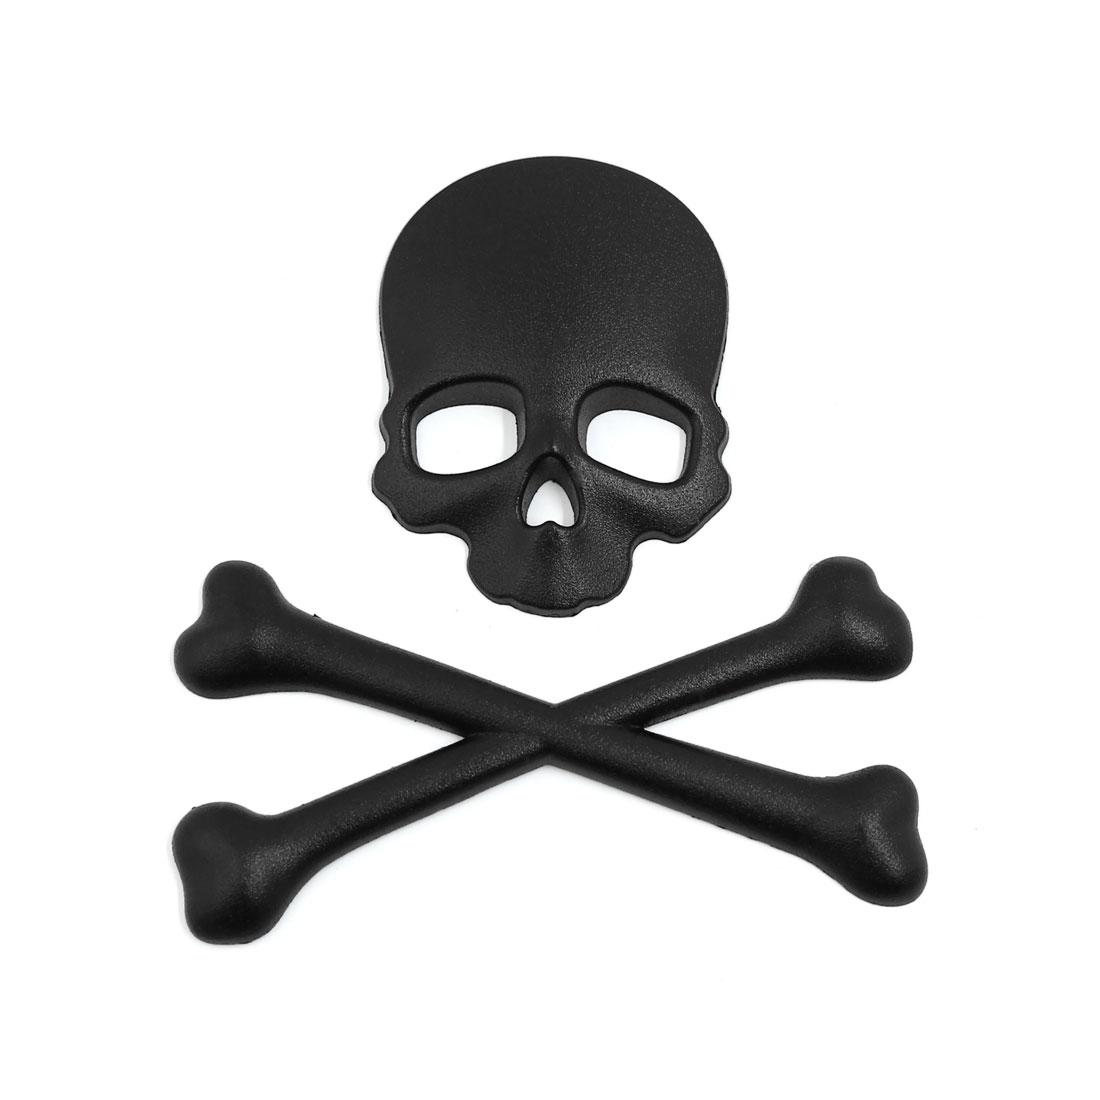 Devil Skull Bone Design 3D Motorcycle Car Emblem Badge Metal Sticker Decal Black